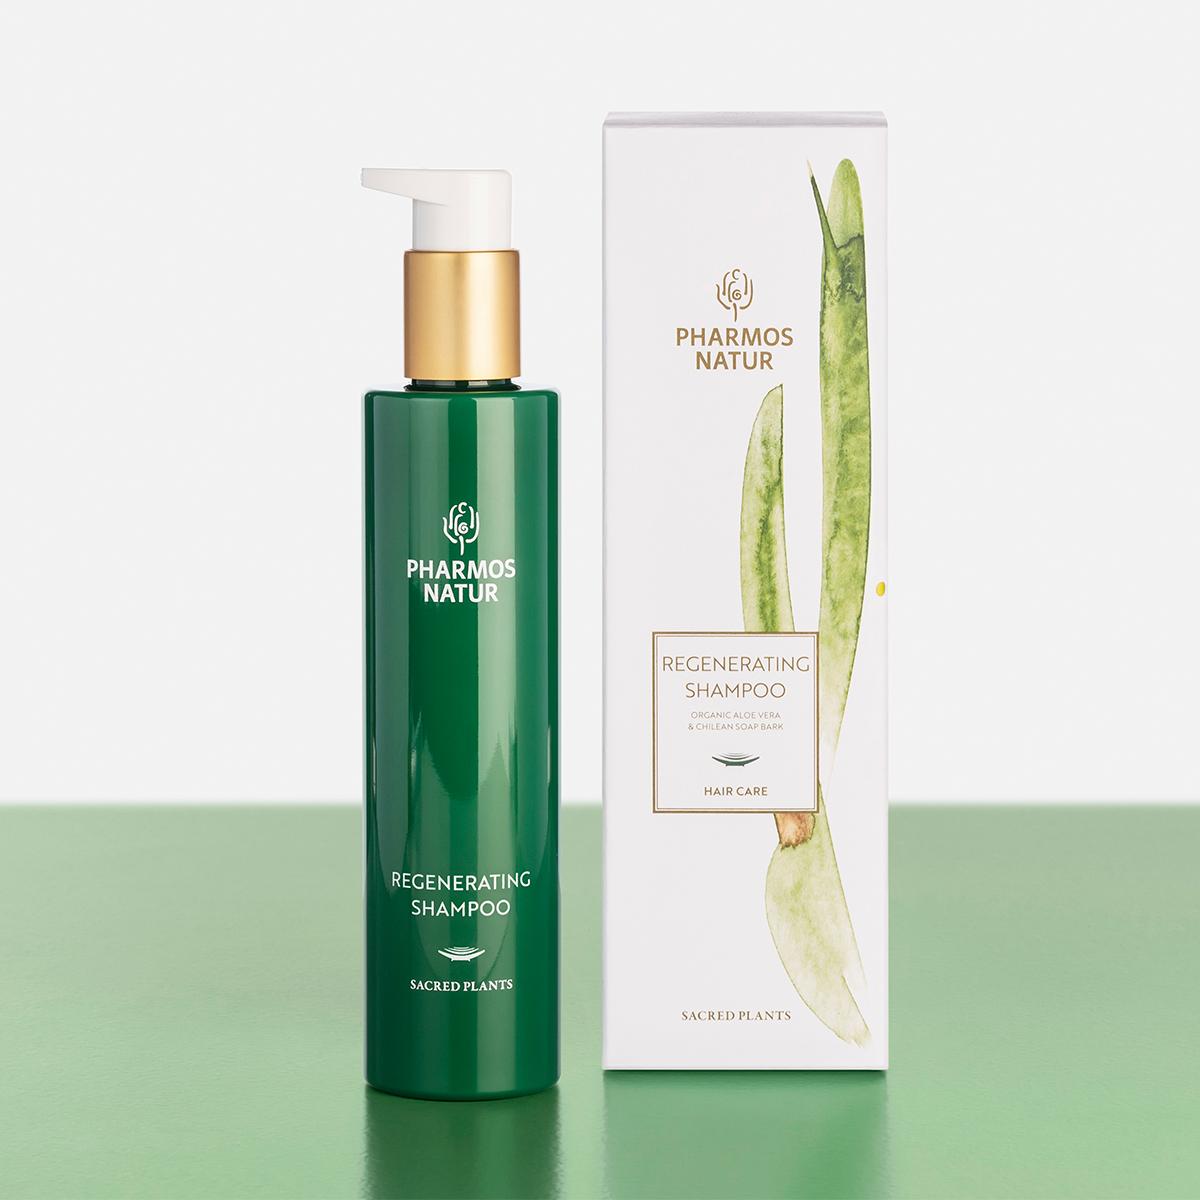 grünes Regenerating Shampoo Produktbild